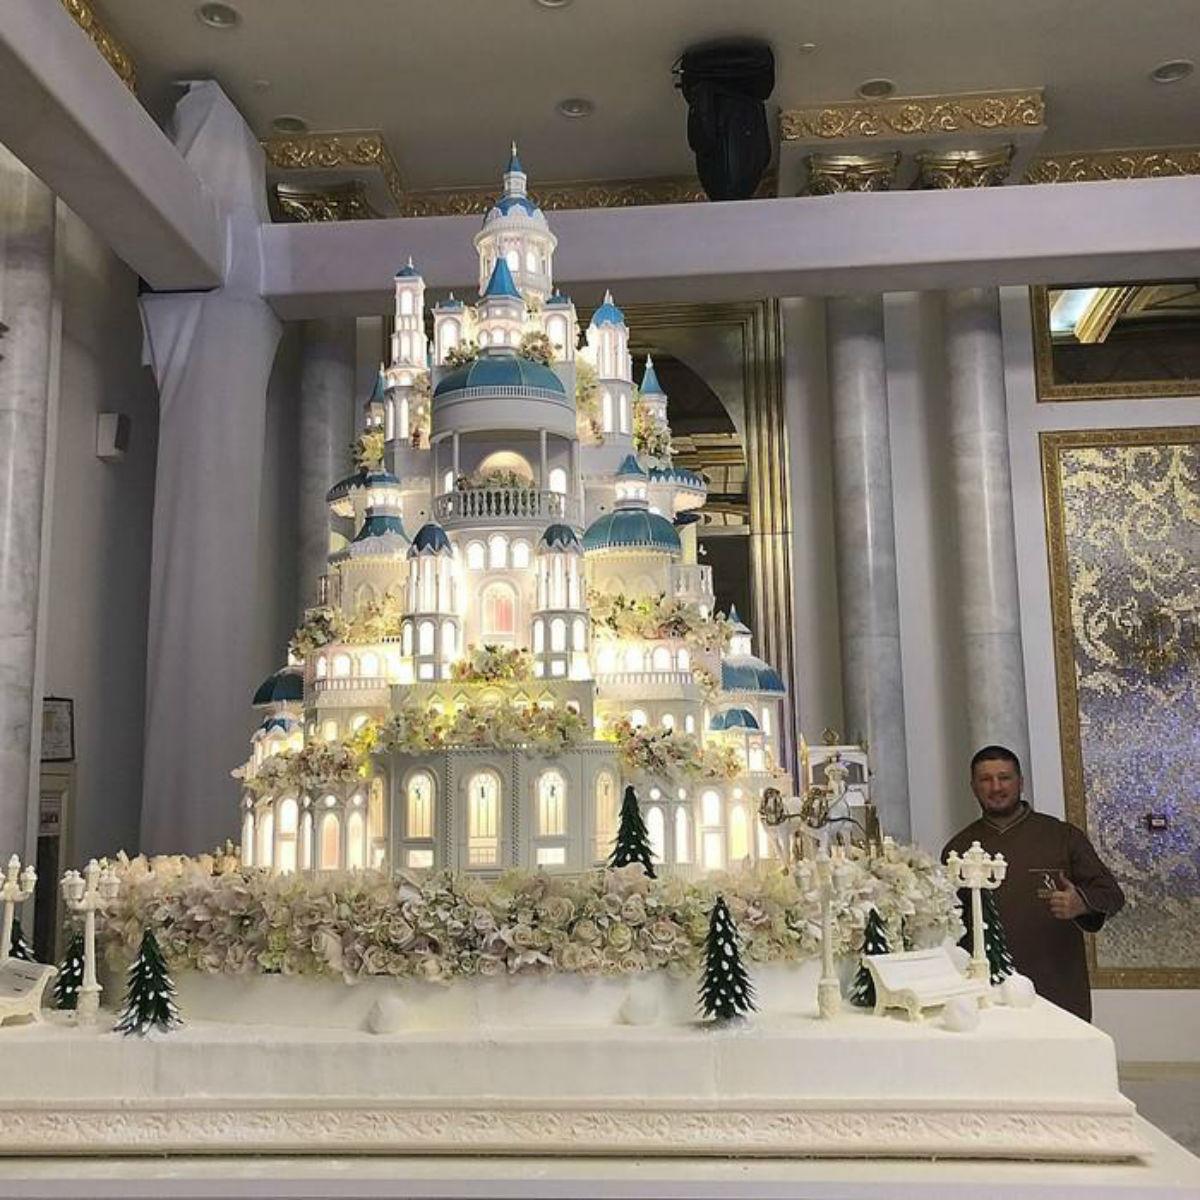 Невероятный свадебный торт за 179000 долларов вынесли гостям на свадьбе в Казахстане